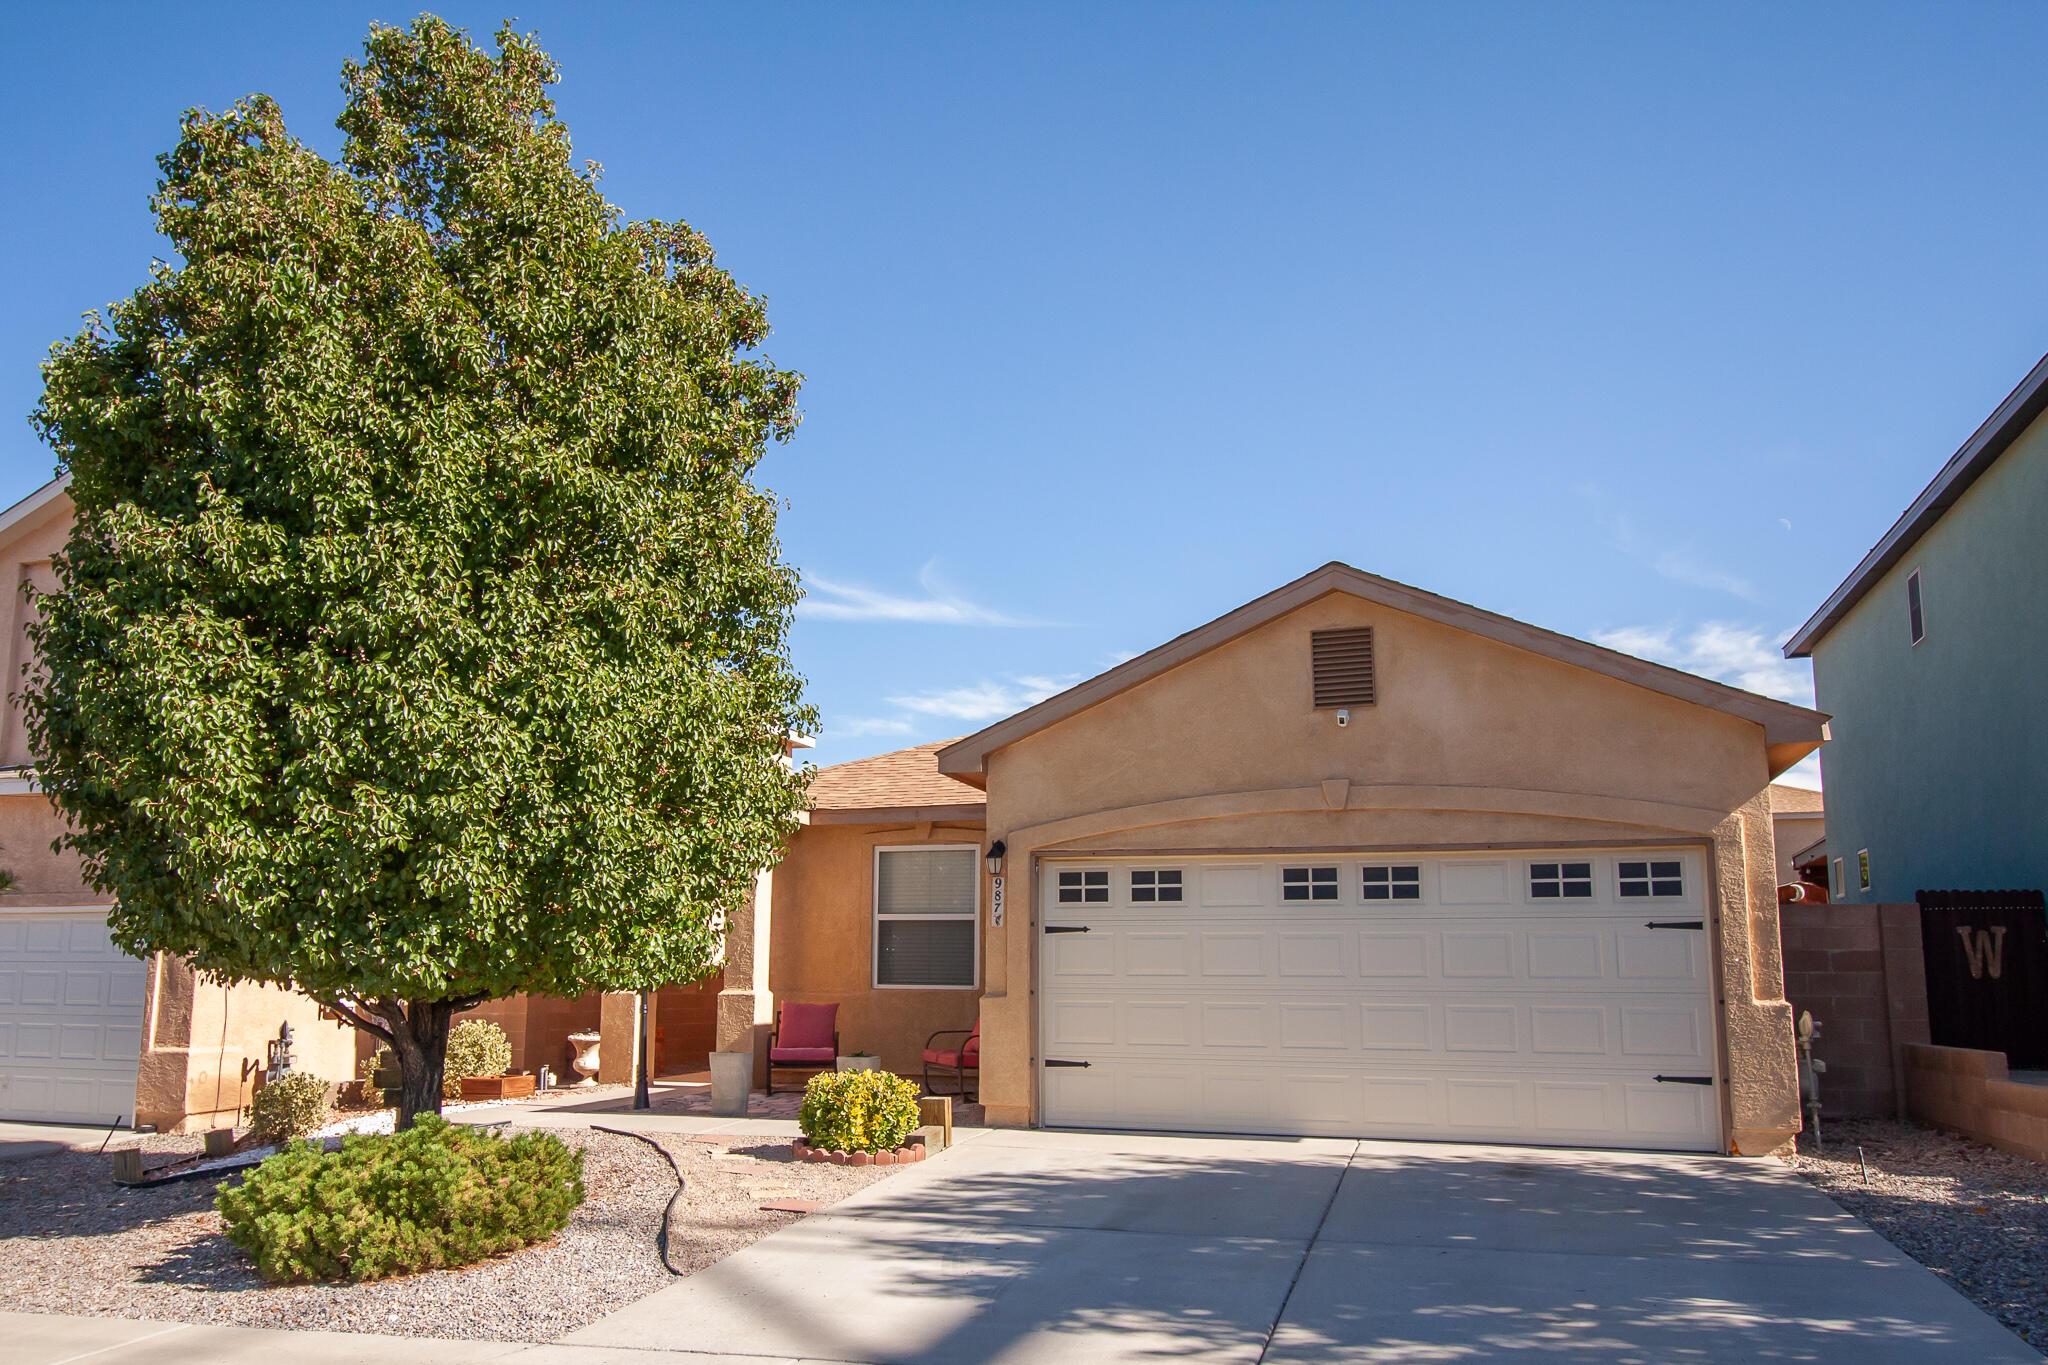 987 MOLTEN Place, Albuquerque NM 87120